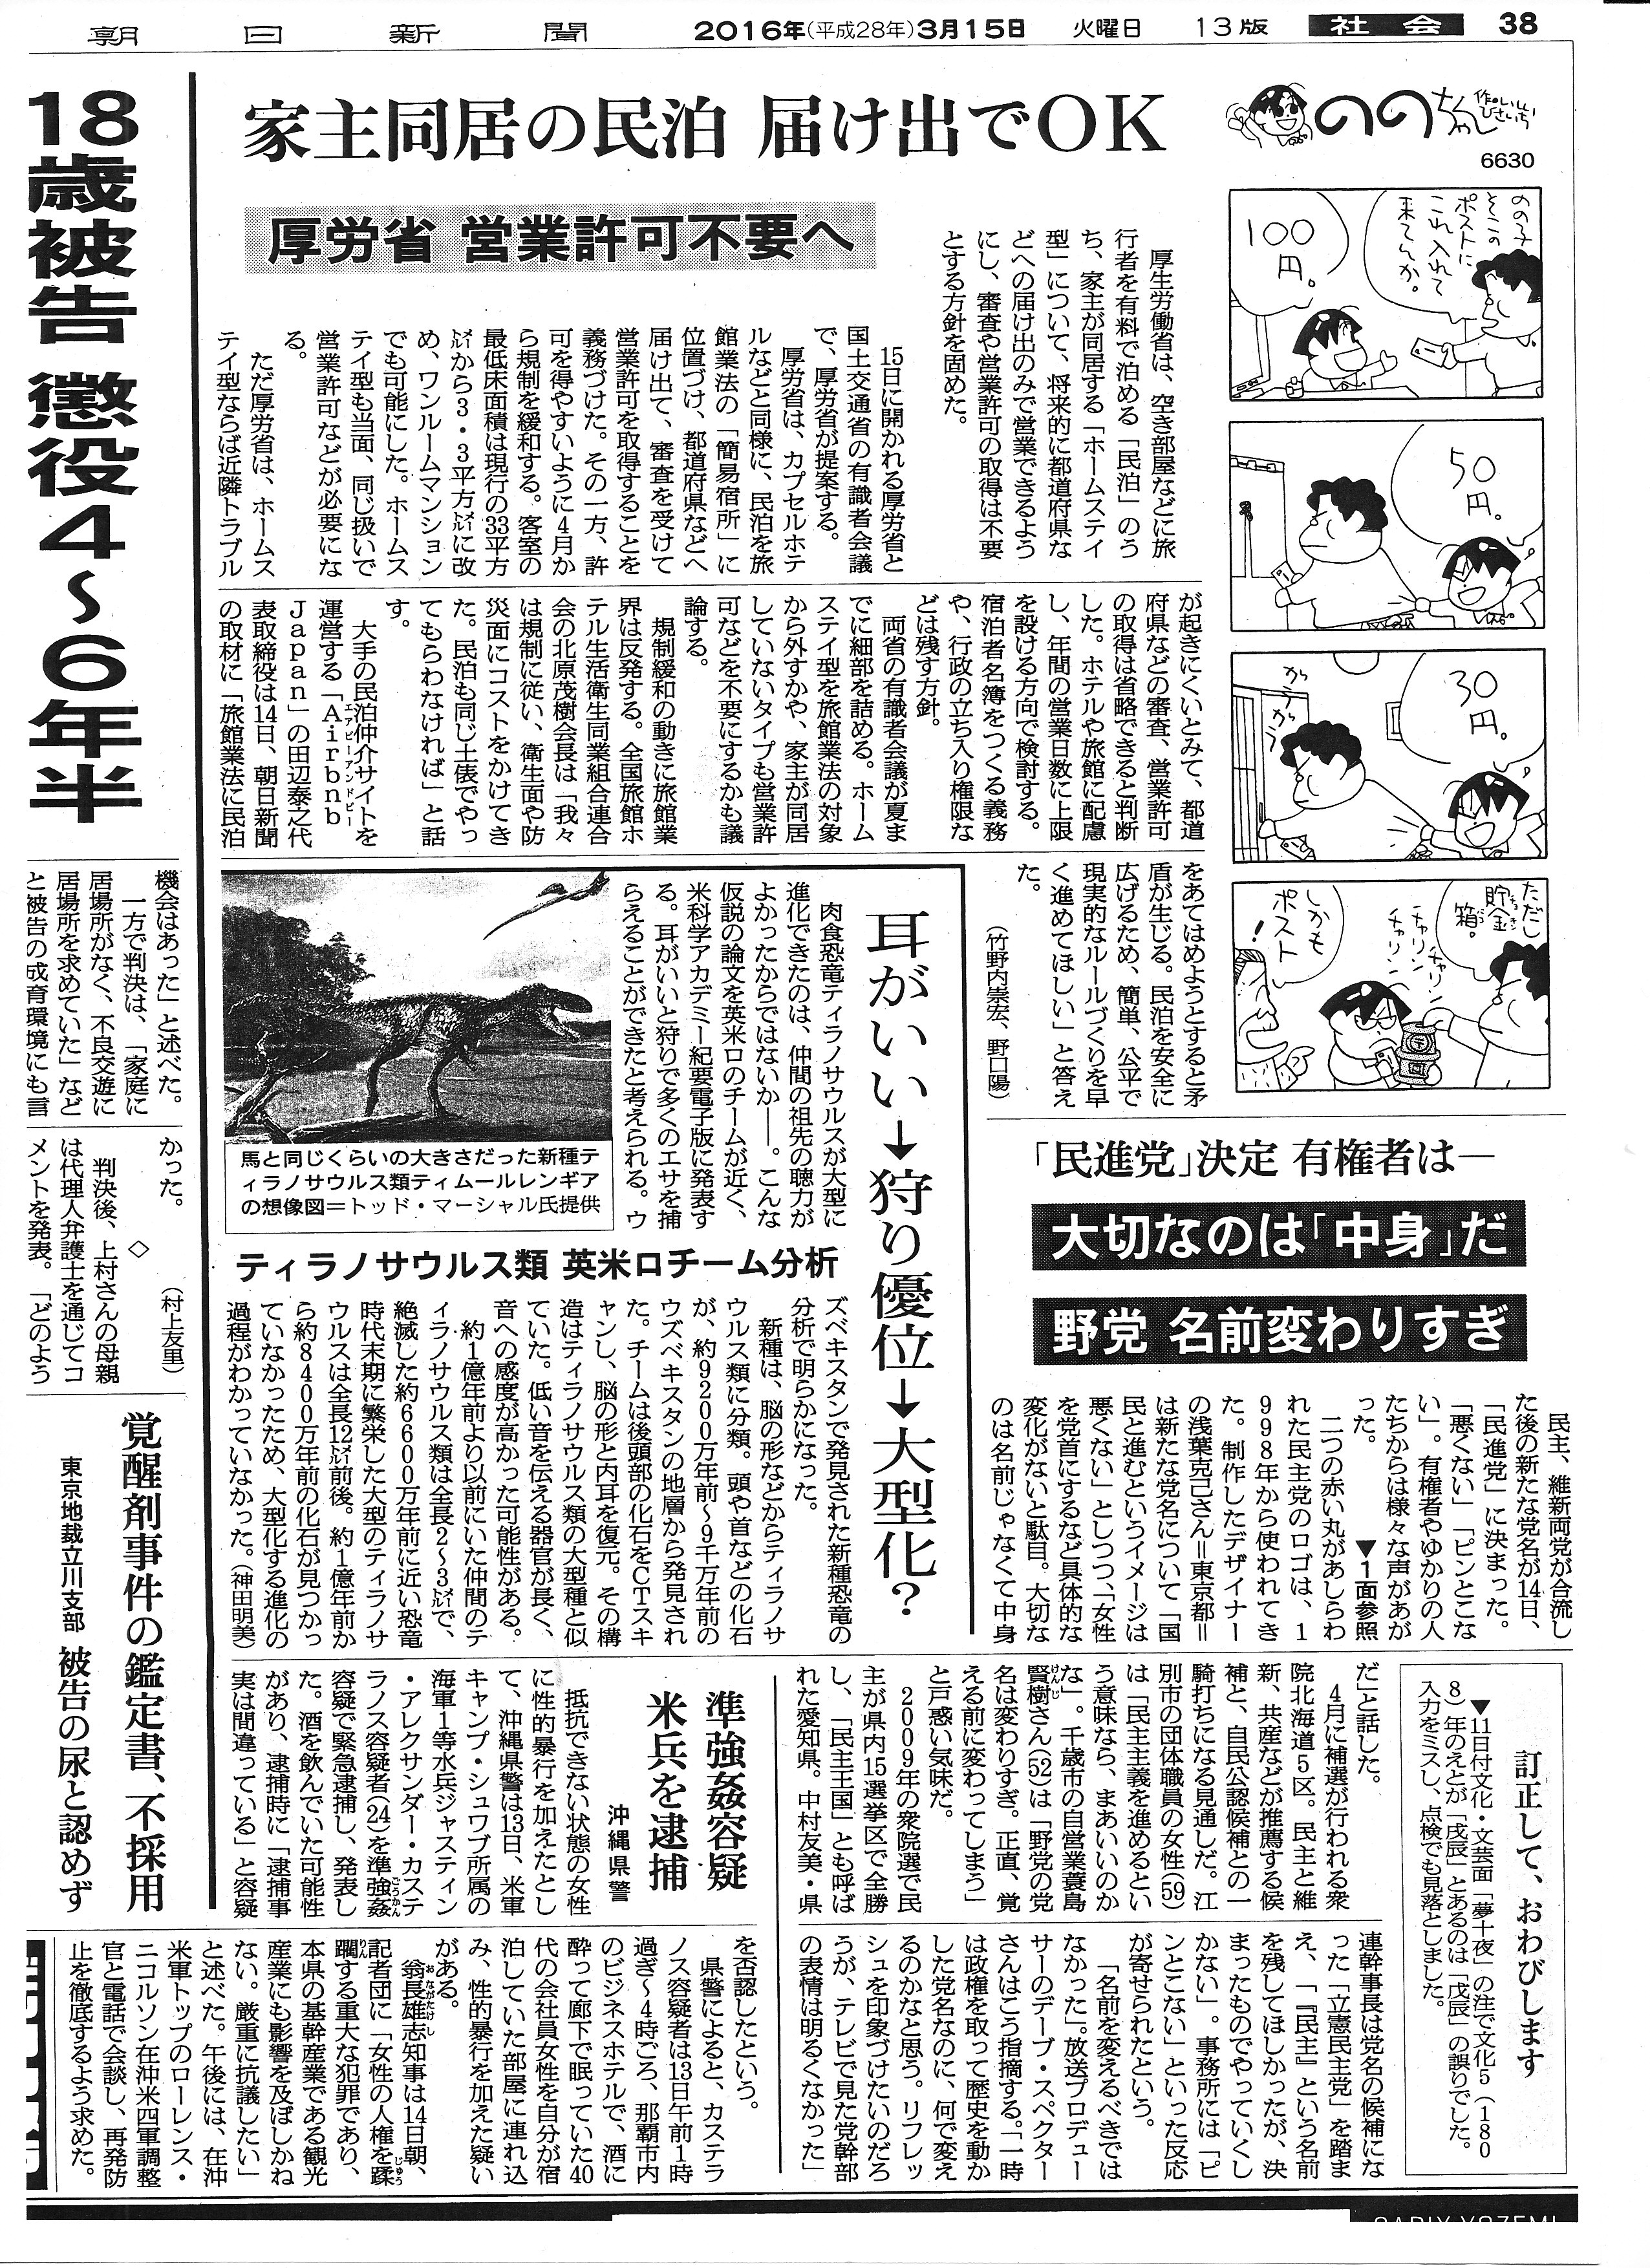 朝日新聞東京本社発行13版第2社会面。1日遅れ、第2社会面の最下段に。